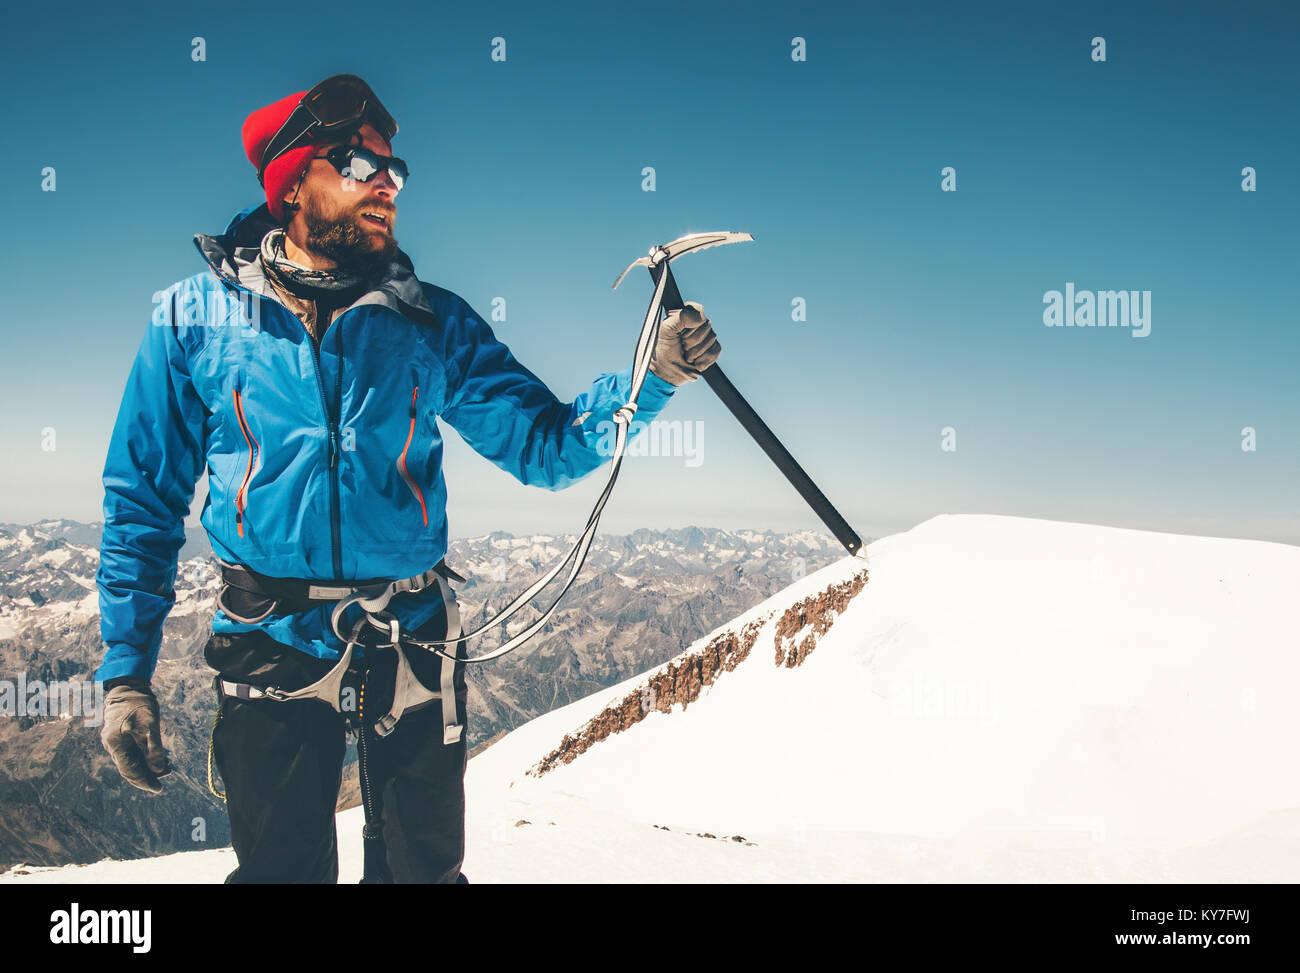 L'uomo scalatore holding piccozza sul ghiacciaio di viaggio il concetto di stile di vita avventura vacanze attive Immagini Stock